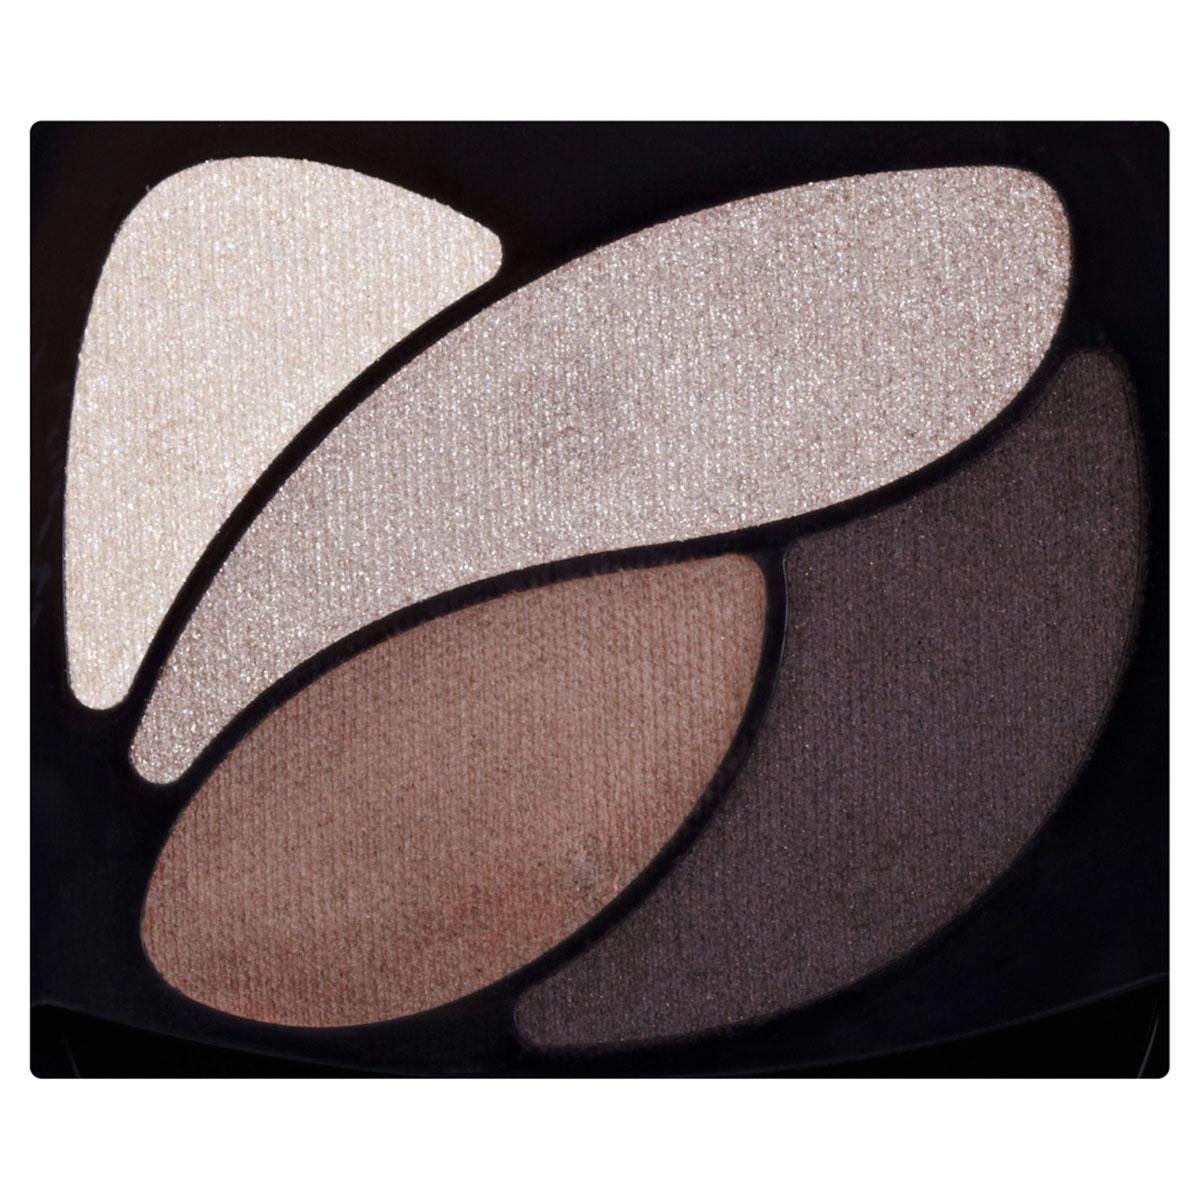 LOreal Paris Тени для век Color Riche, Квадро, оттенок E4, Кожаный клатч, стойкие, 4,5 г